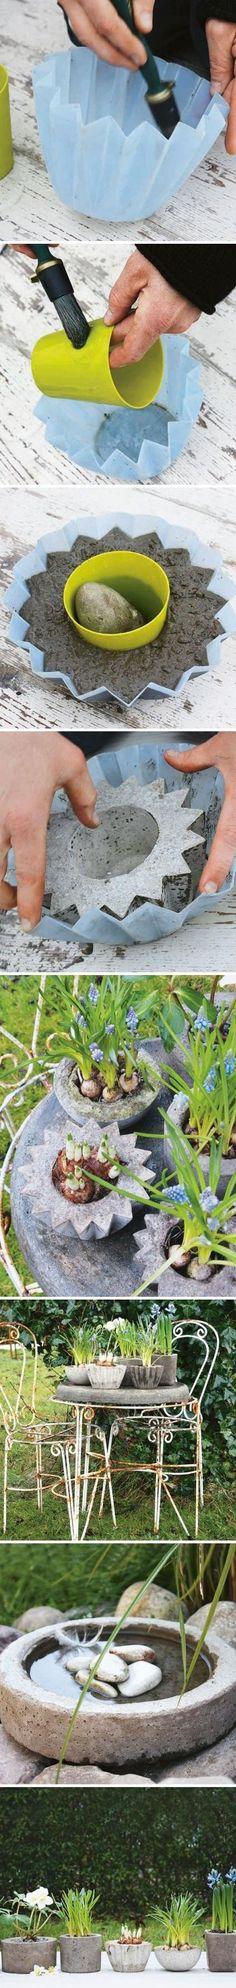 DIY garden decoration ideas concrete flower pots planters